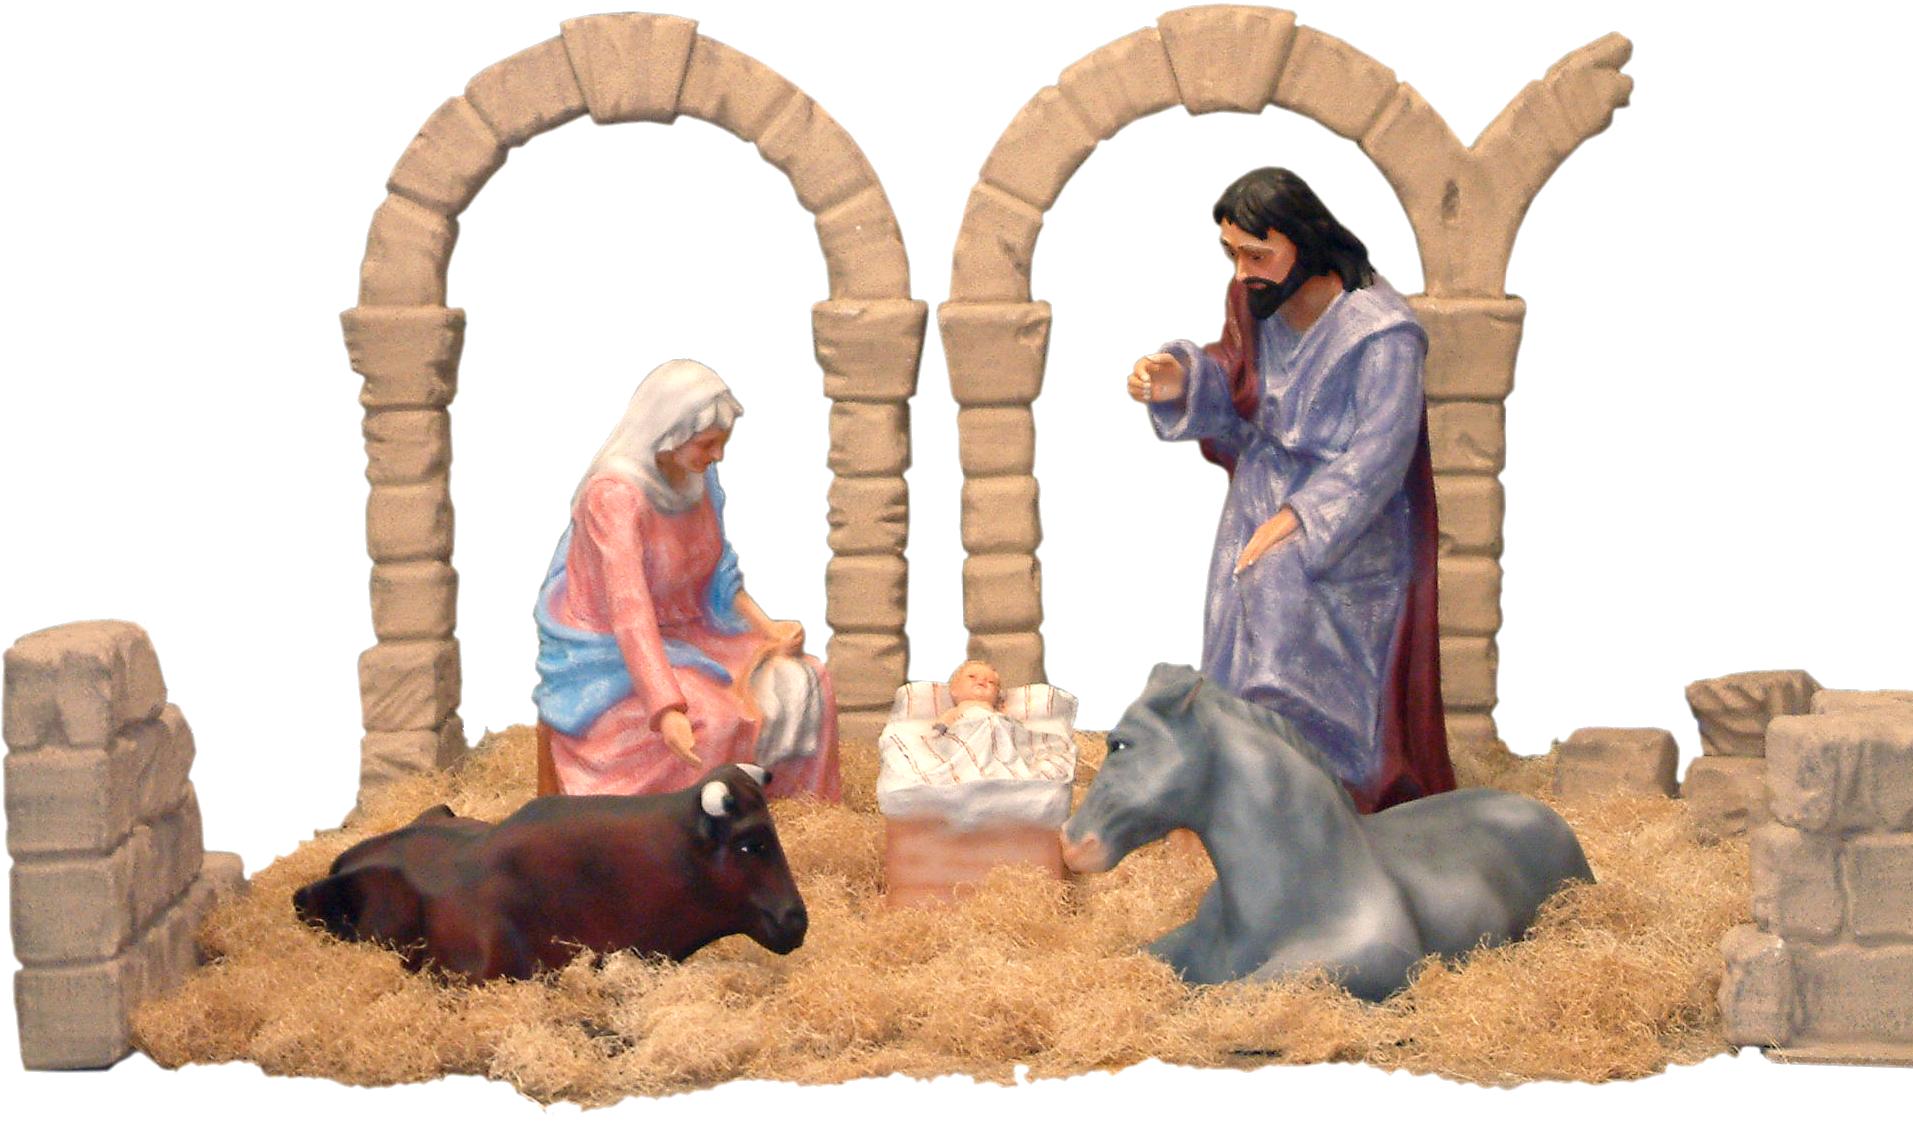 Figuras de belén de san josé,la virgen, el niño Jesús, la mula y el buey